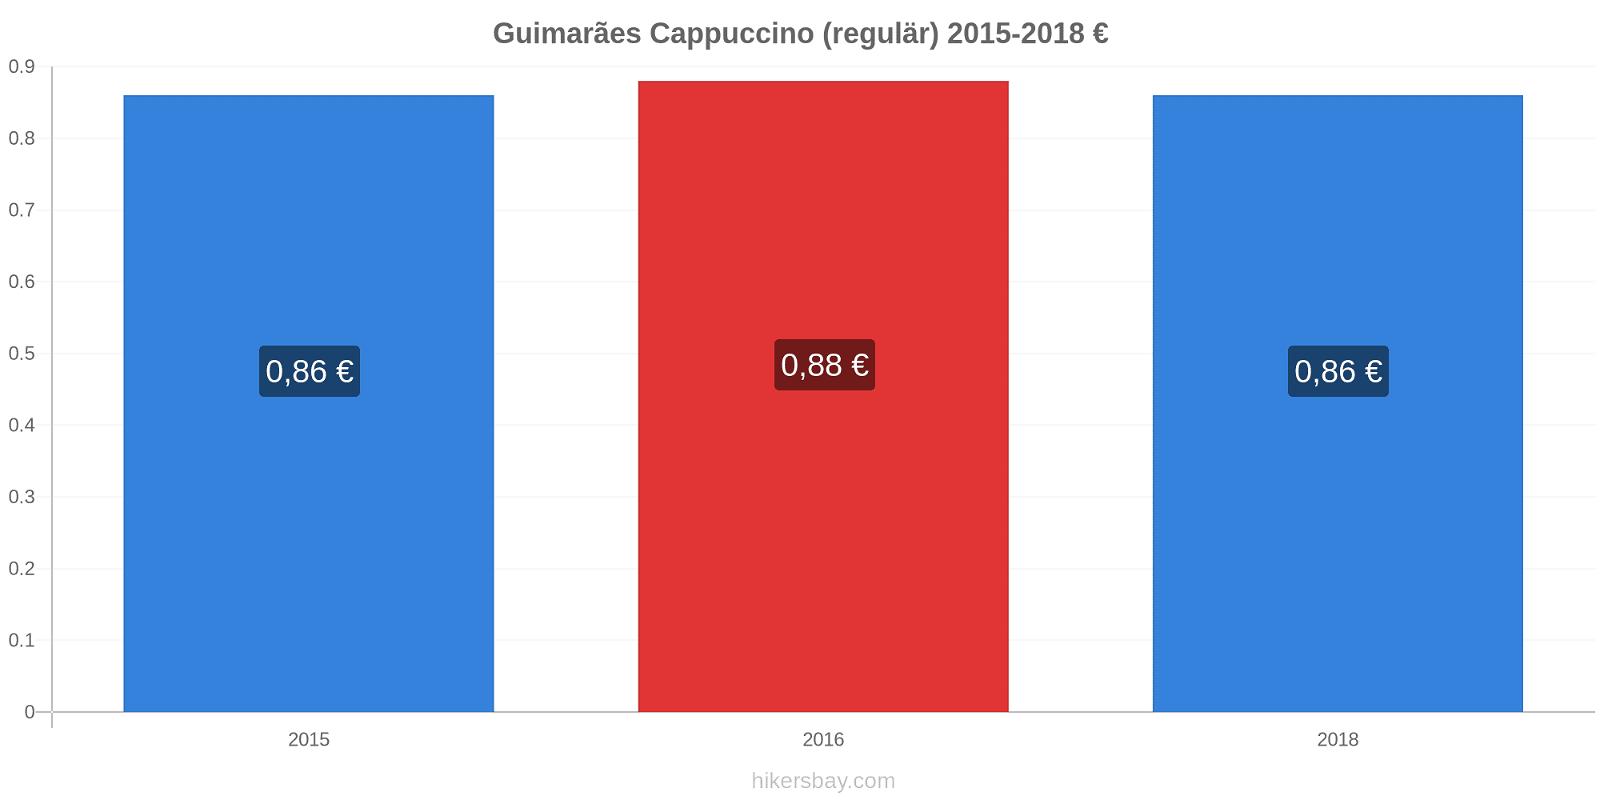 Guimarães Preisänderungen Cappuccino (regulär) hikersbay.com